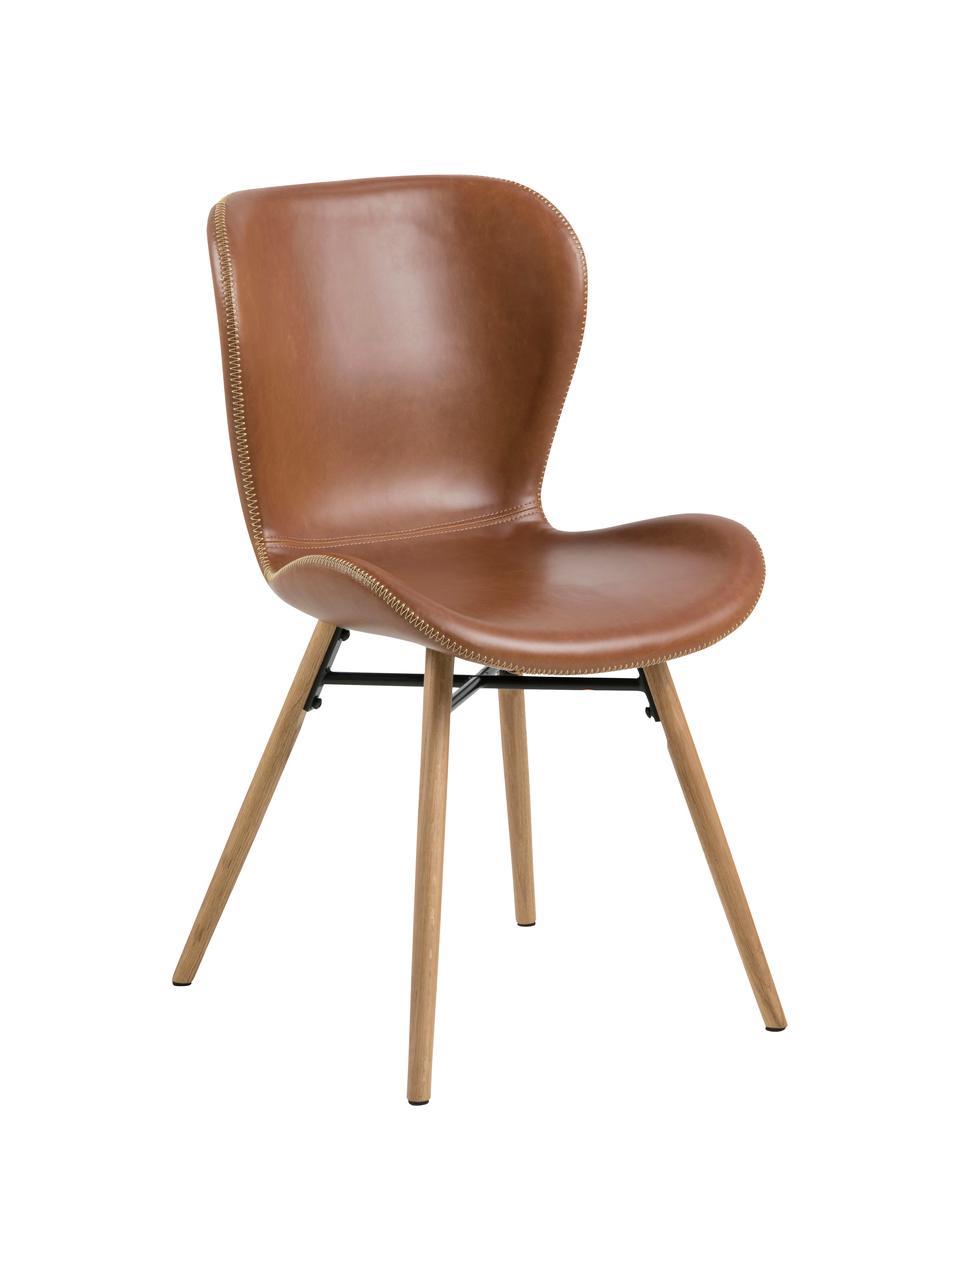 Chaises en cuir synthétique rembourrées Batilda, 2pièces, Cuir synthétique cognac, bois de chêne